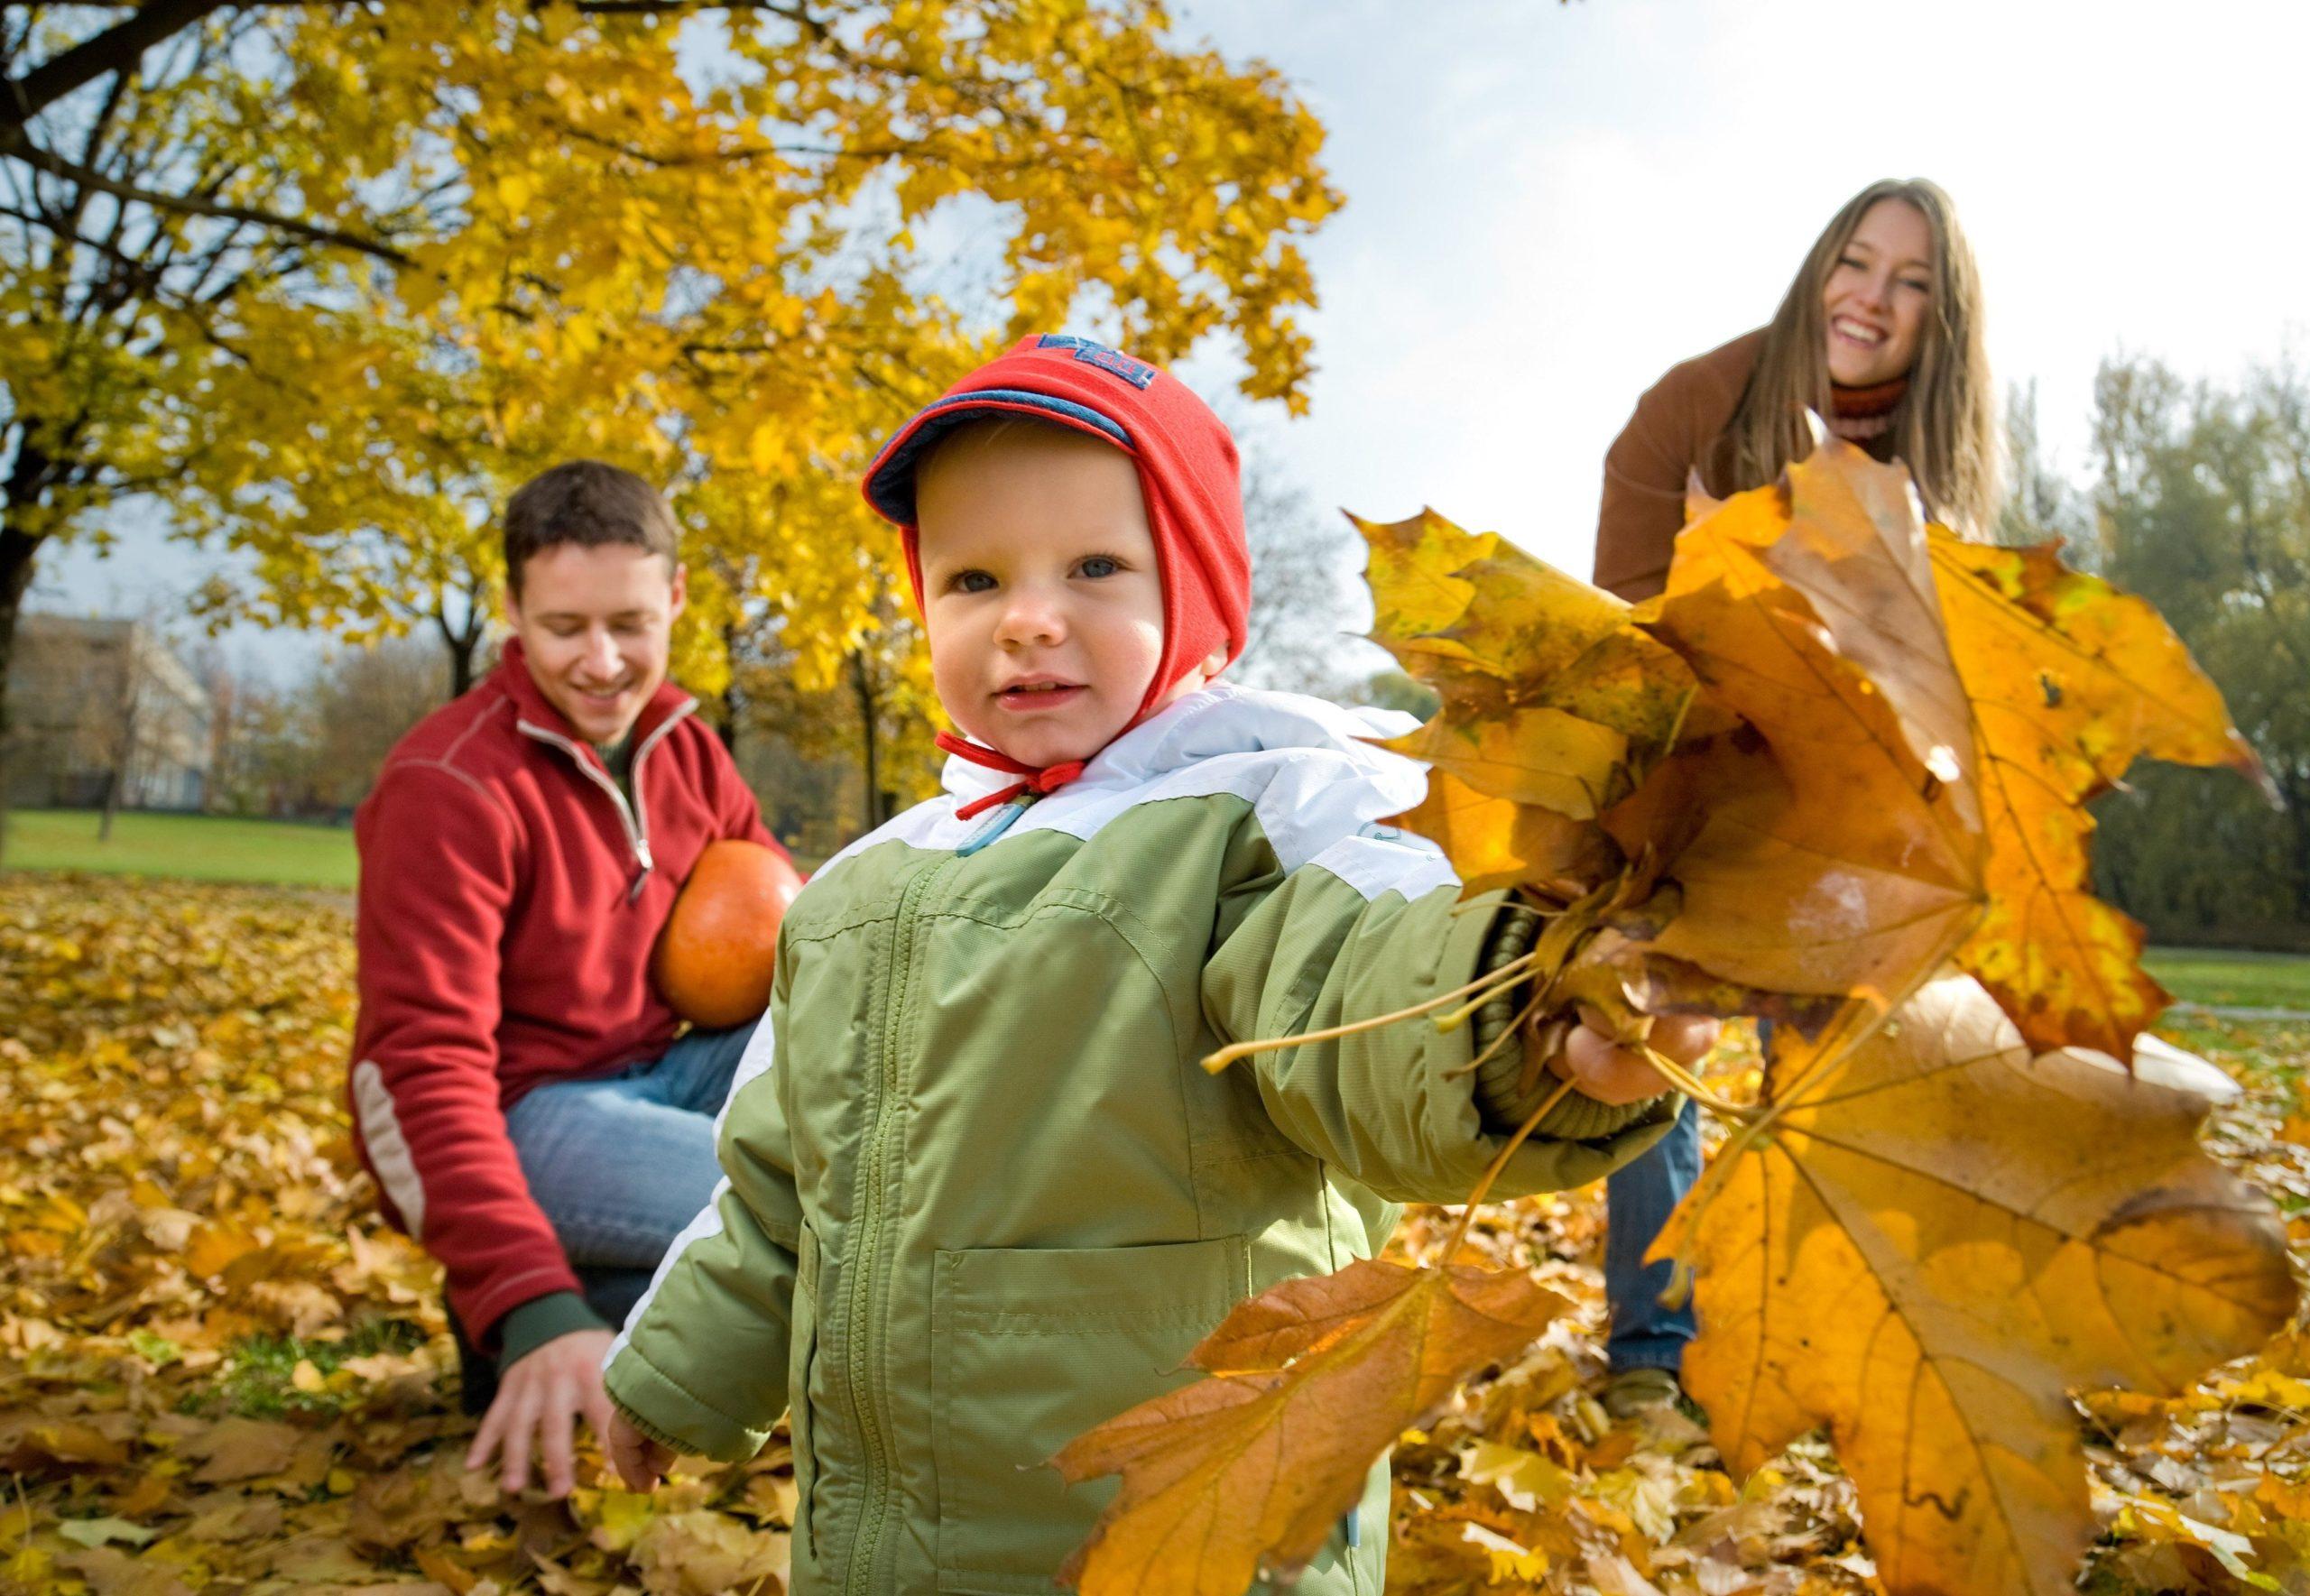 38425 Детский вопрос: почему осенью листья желтеют и краснеют?